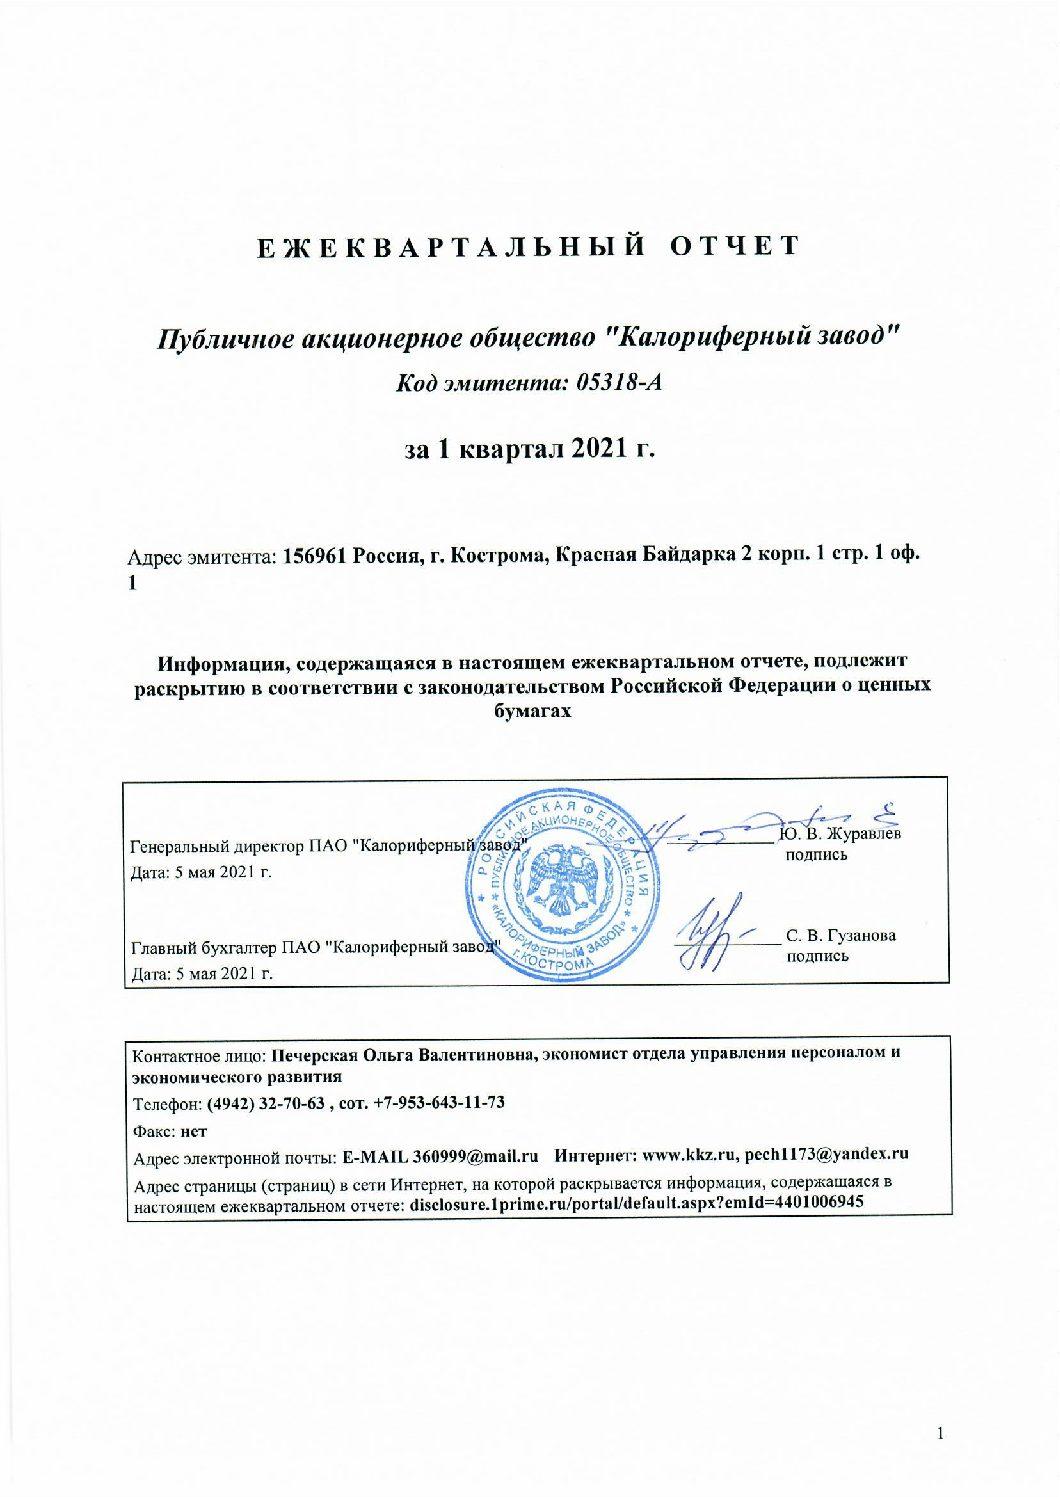 Ежеквартальный отчет эмитента ценных бумаг за 1 квартал 2021 года.